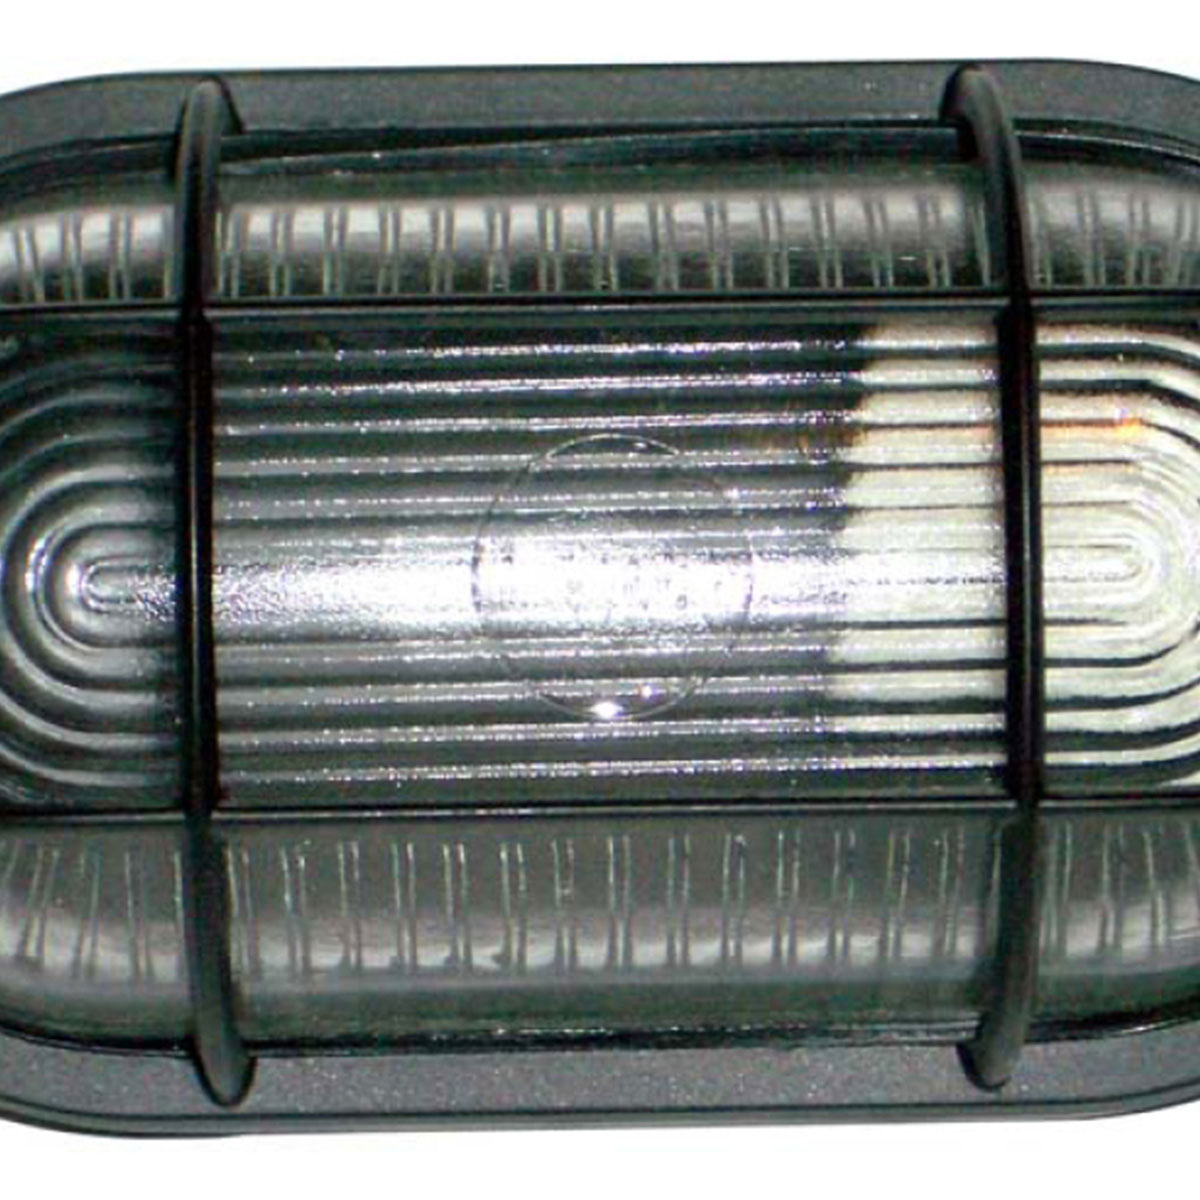 Tartaruga Oval 20cm Aluminio Pint. Epoxi E-27 1 Lamp. Max 60w C/ Grade Preta